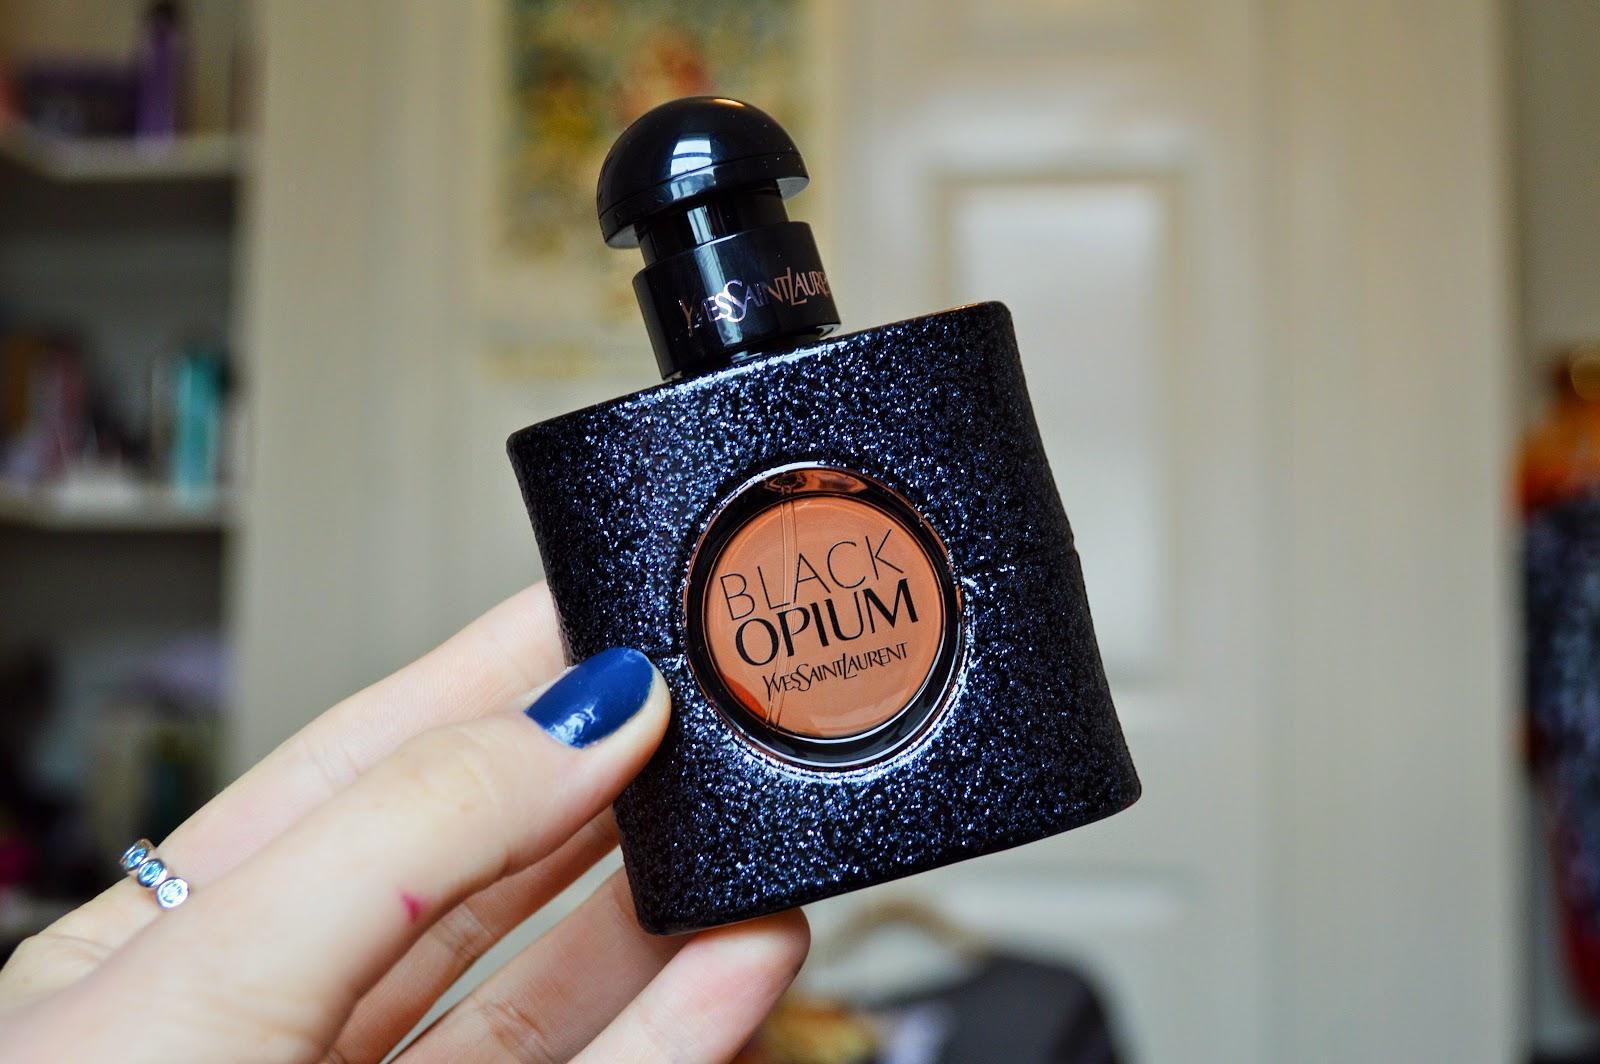 Black Opium EDP By YSL Sophie Rose